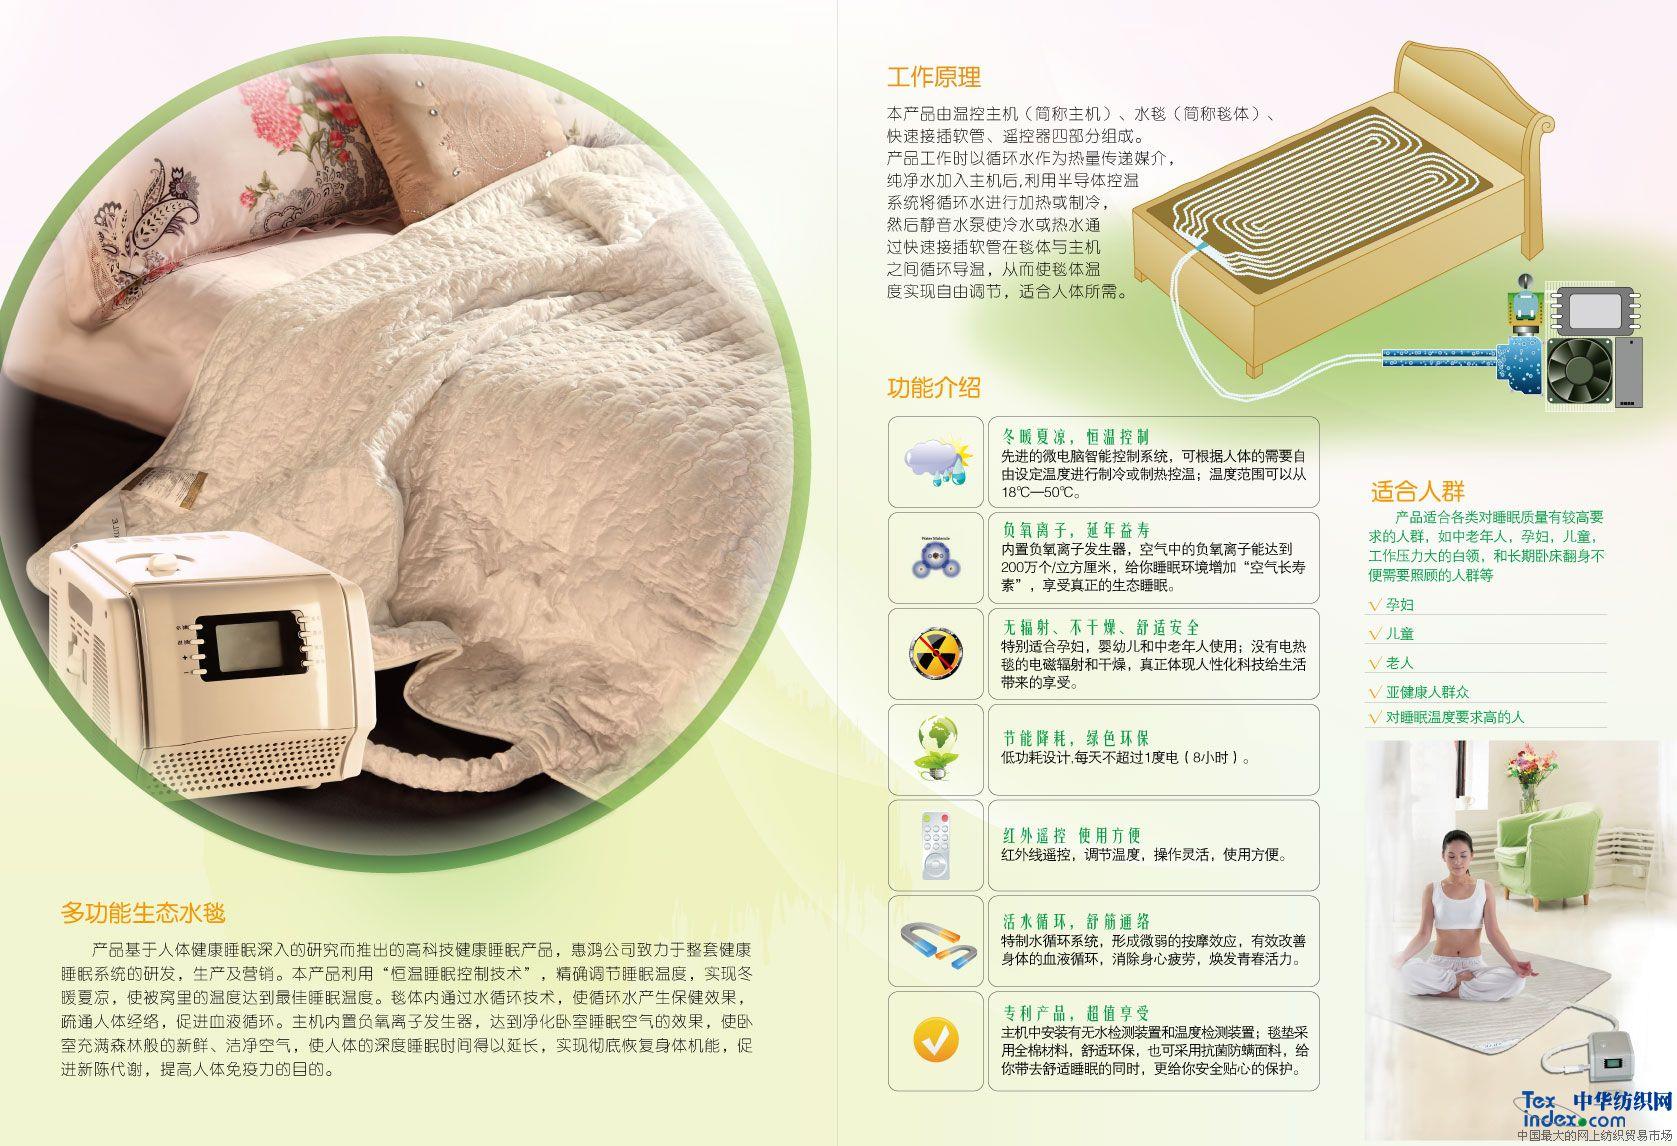 多功能水毯基于人体健康睡眠深入的研究而推出的高科技健康睡眠产品,惠鸿公司致力于整套健康睡眠系统的研发,生产及营销。本产品利用恒温睡眠控制技术,精确调节睡眠温度,实现冬暖夏凉,使被窝里的温度达到最佳睡眠温度。毯体内通过水循环技术,使循环水产生保健效果,疏通人体经络,促进血液循环。主机内置负氧离子发生器,达到净化卧室睡眠空气的效果,使卧室充满森林般的新鲜、洁净空气,使人体的深度睡眠时间得以延长,实现彻底恢复身体机能,促进新陈代谢,提高人体免疫力的目的。